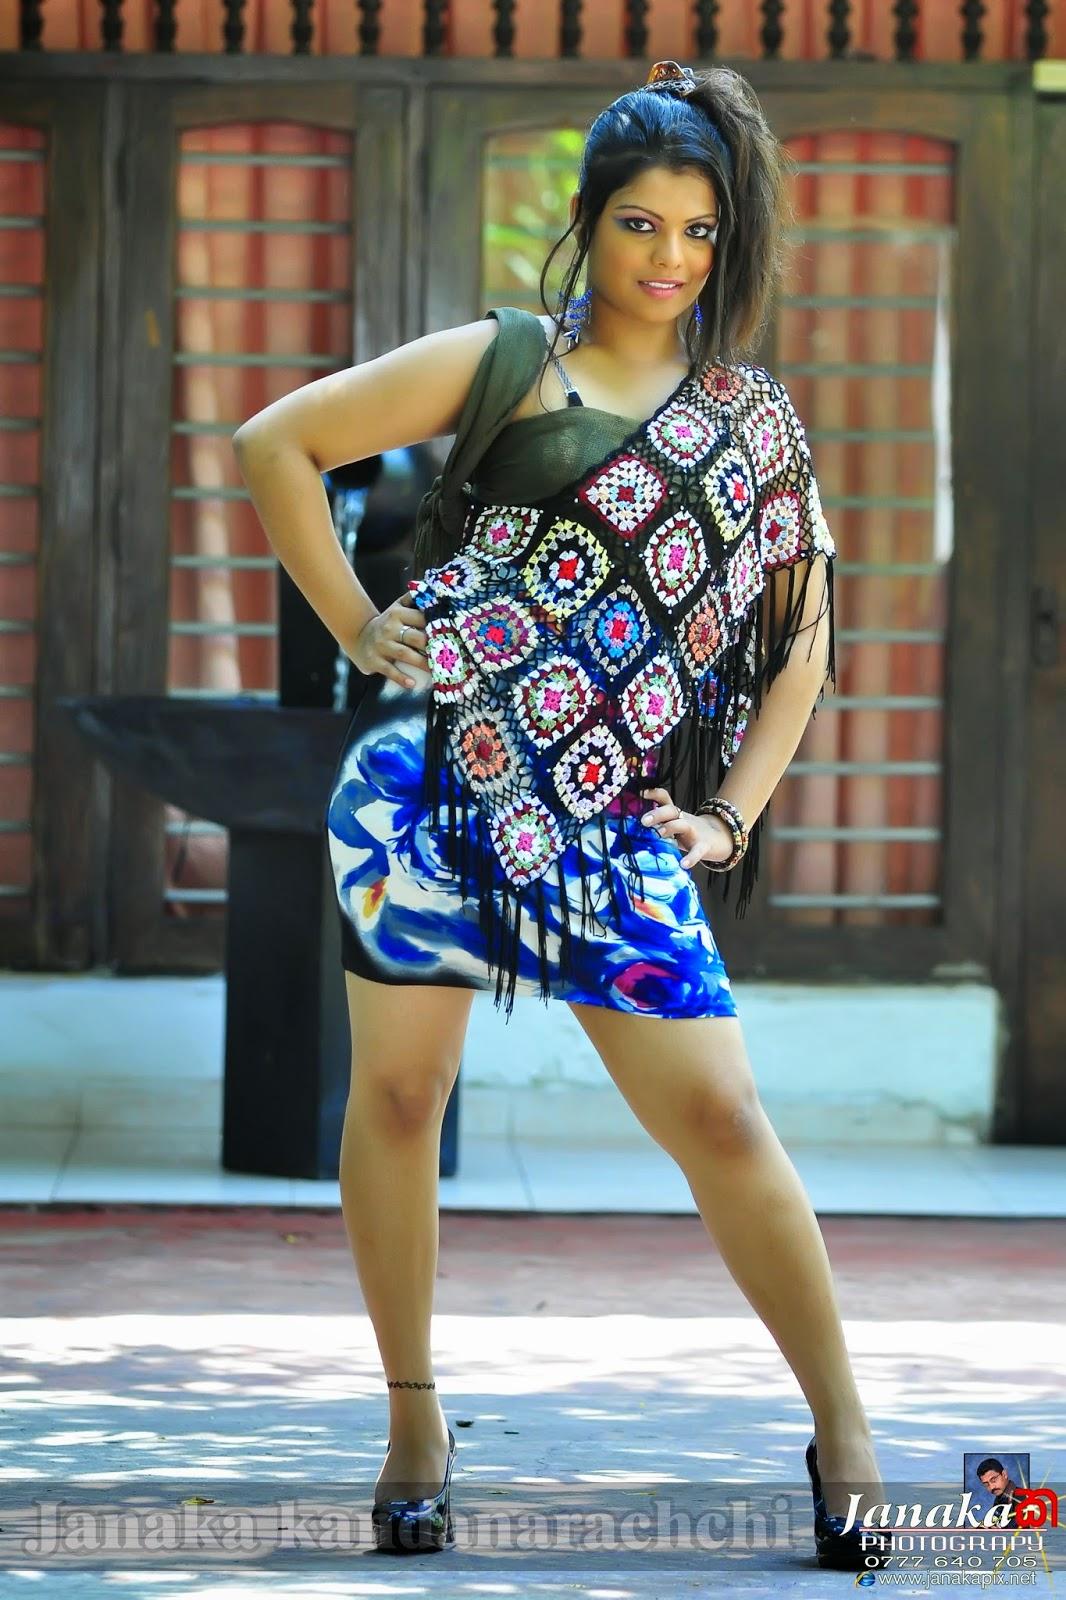 Anurada dilrukshi hot